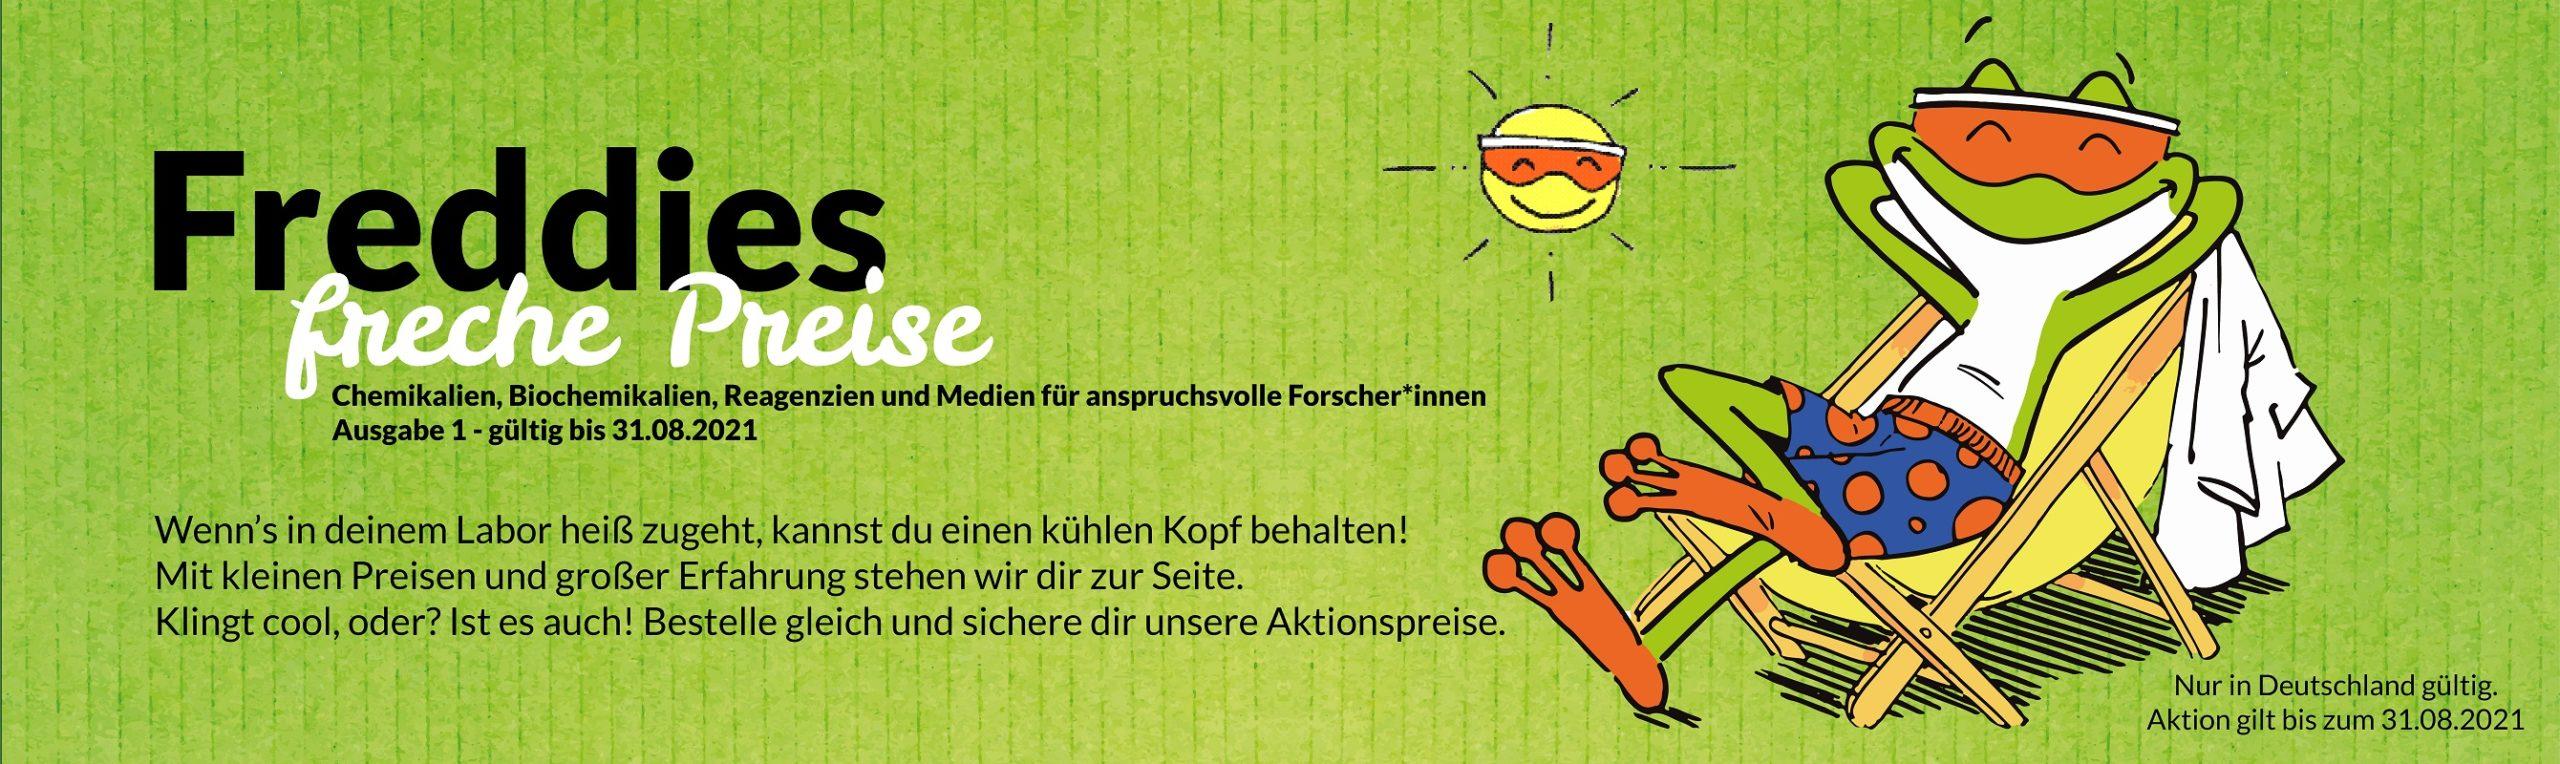 Freddies freche Preise - Sommeraktion gültig bis 31.08.2021